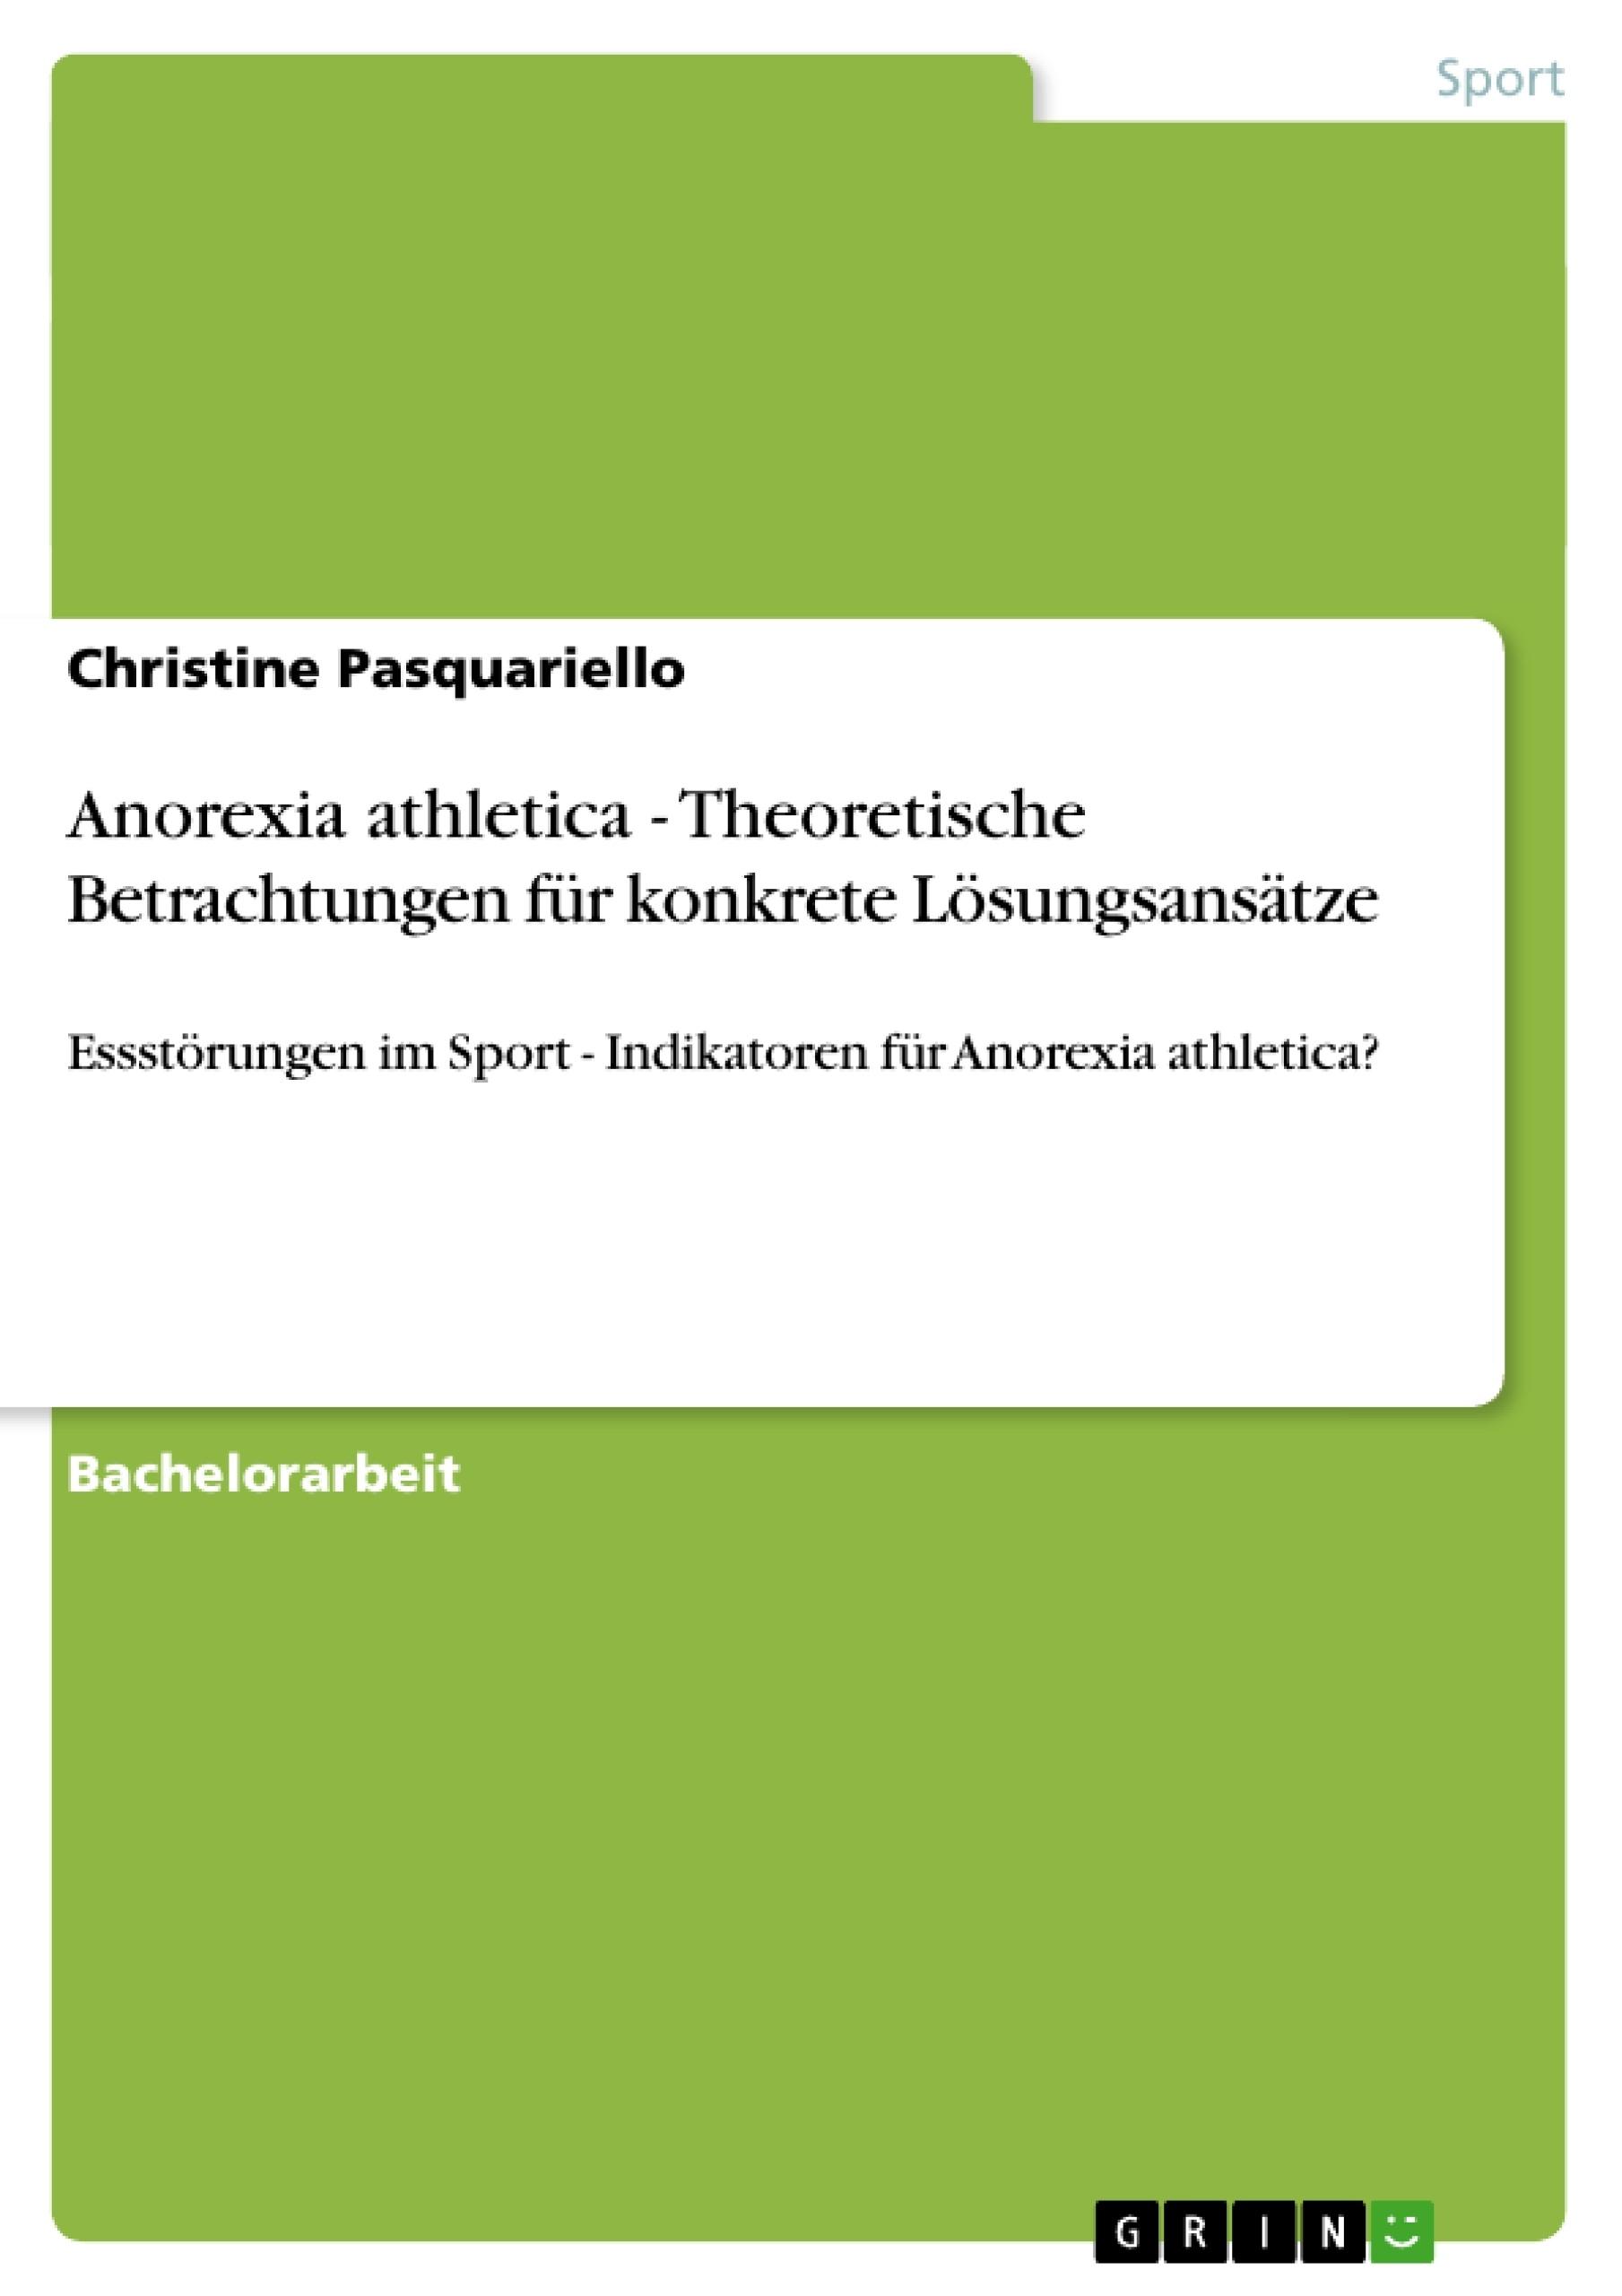 Titel: Anorexia athletica - Theoretische Betrachtungen für konkrete Lösungsansätze